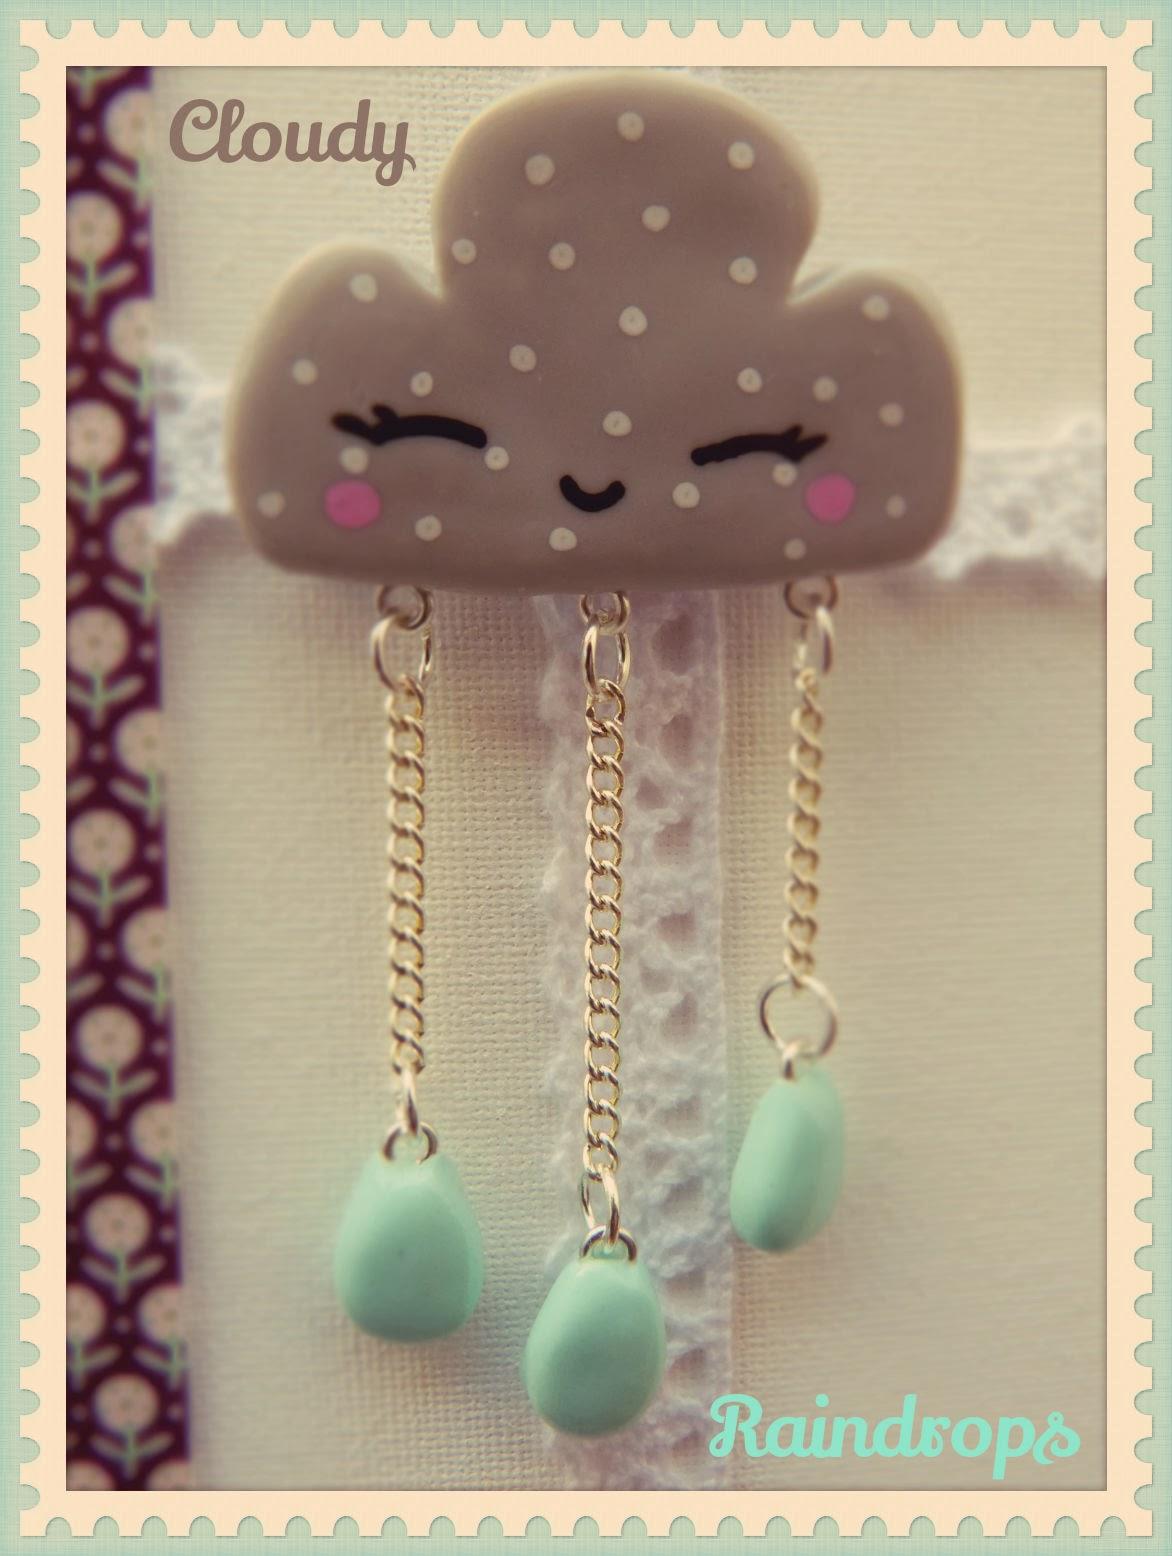 http://www.alittlemarket.com/broche/fr_broche_super_kawaii_en_fimo_theme_nuage_pluie_-8016241.html